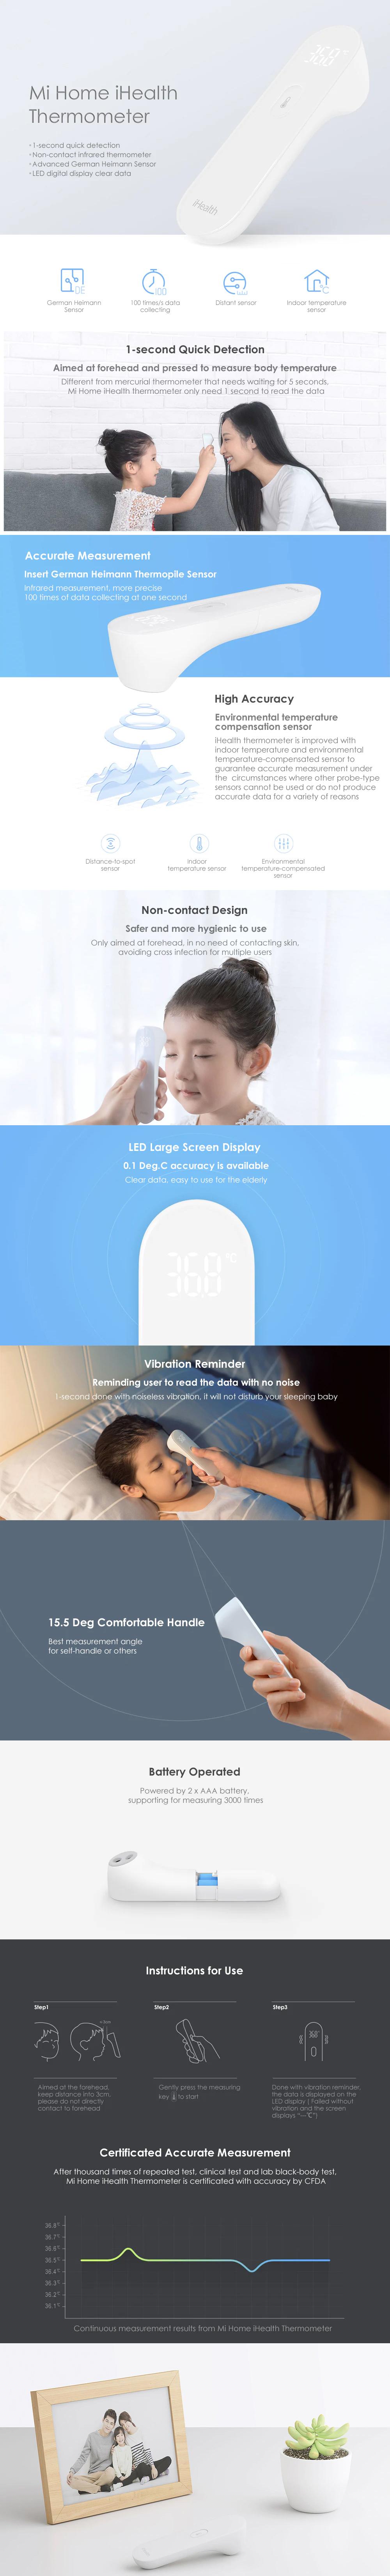 خرید اینترنتی تب سنج دیجیتالی شیائومی مدل iHealth، مشاهده و بررسی لوازم جانبی سایر برندها از فروشگاه آنلاین دکتر جانبی